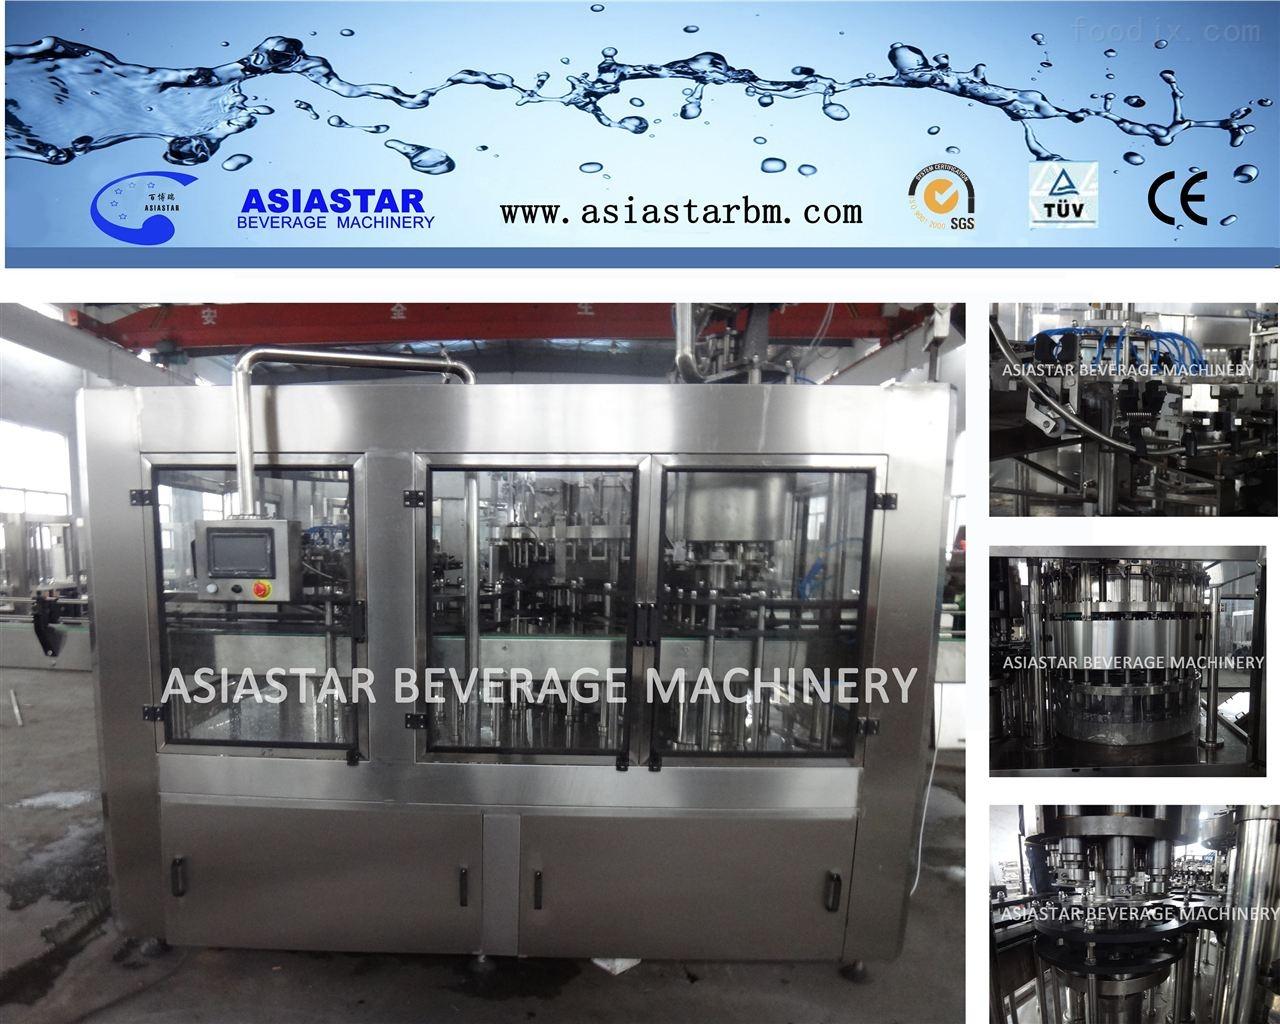 果汁生产线,5加仑桶装系列机组,5l机灌装机组,pet瓶灌装生产线,啤酒